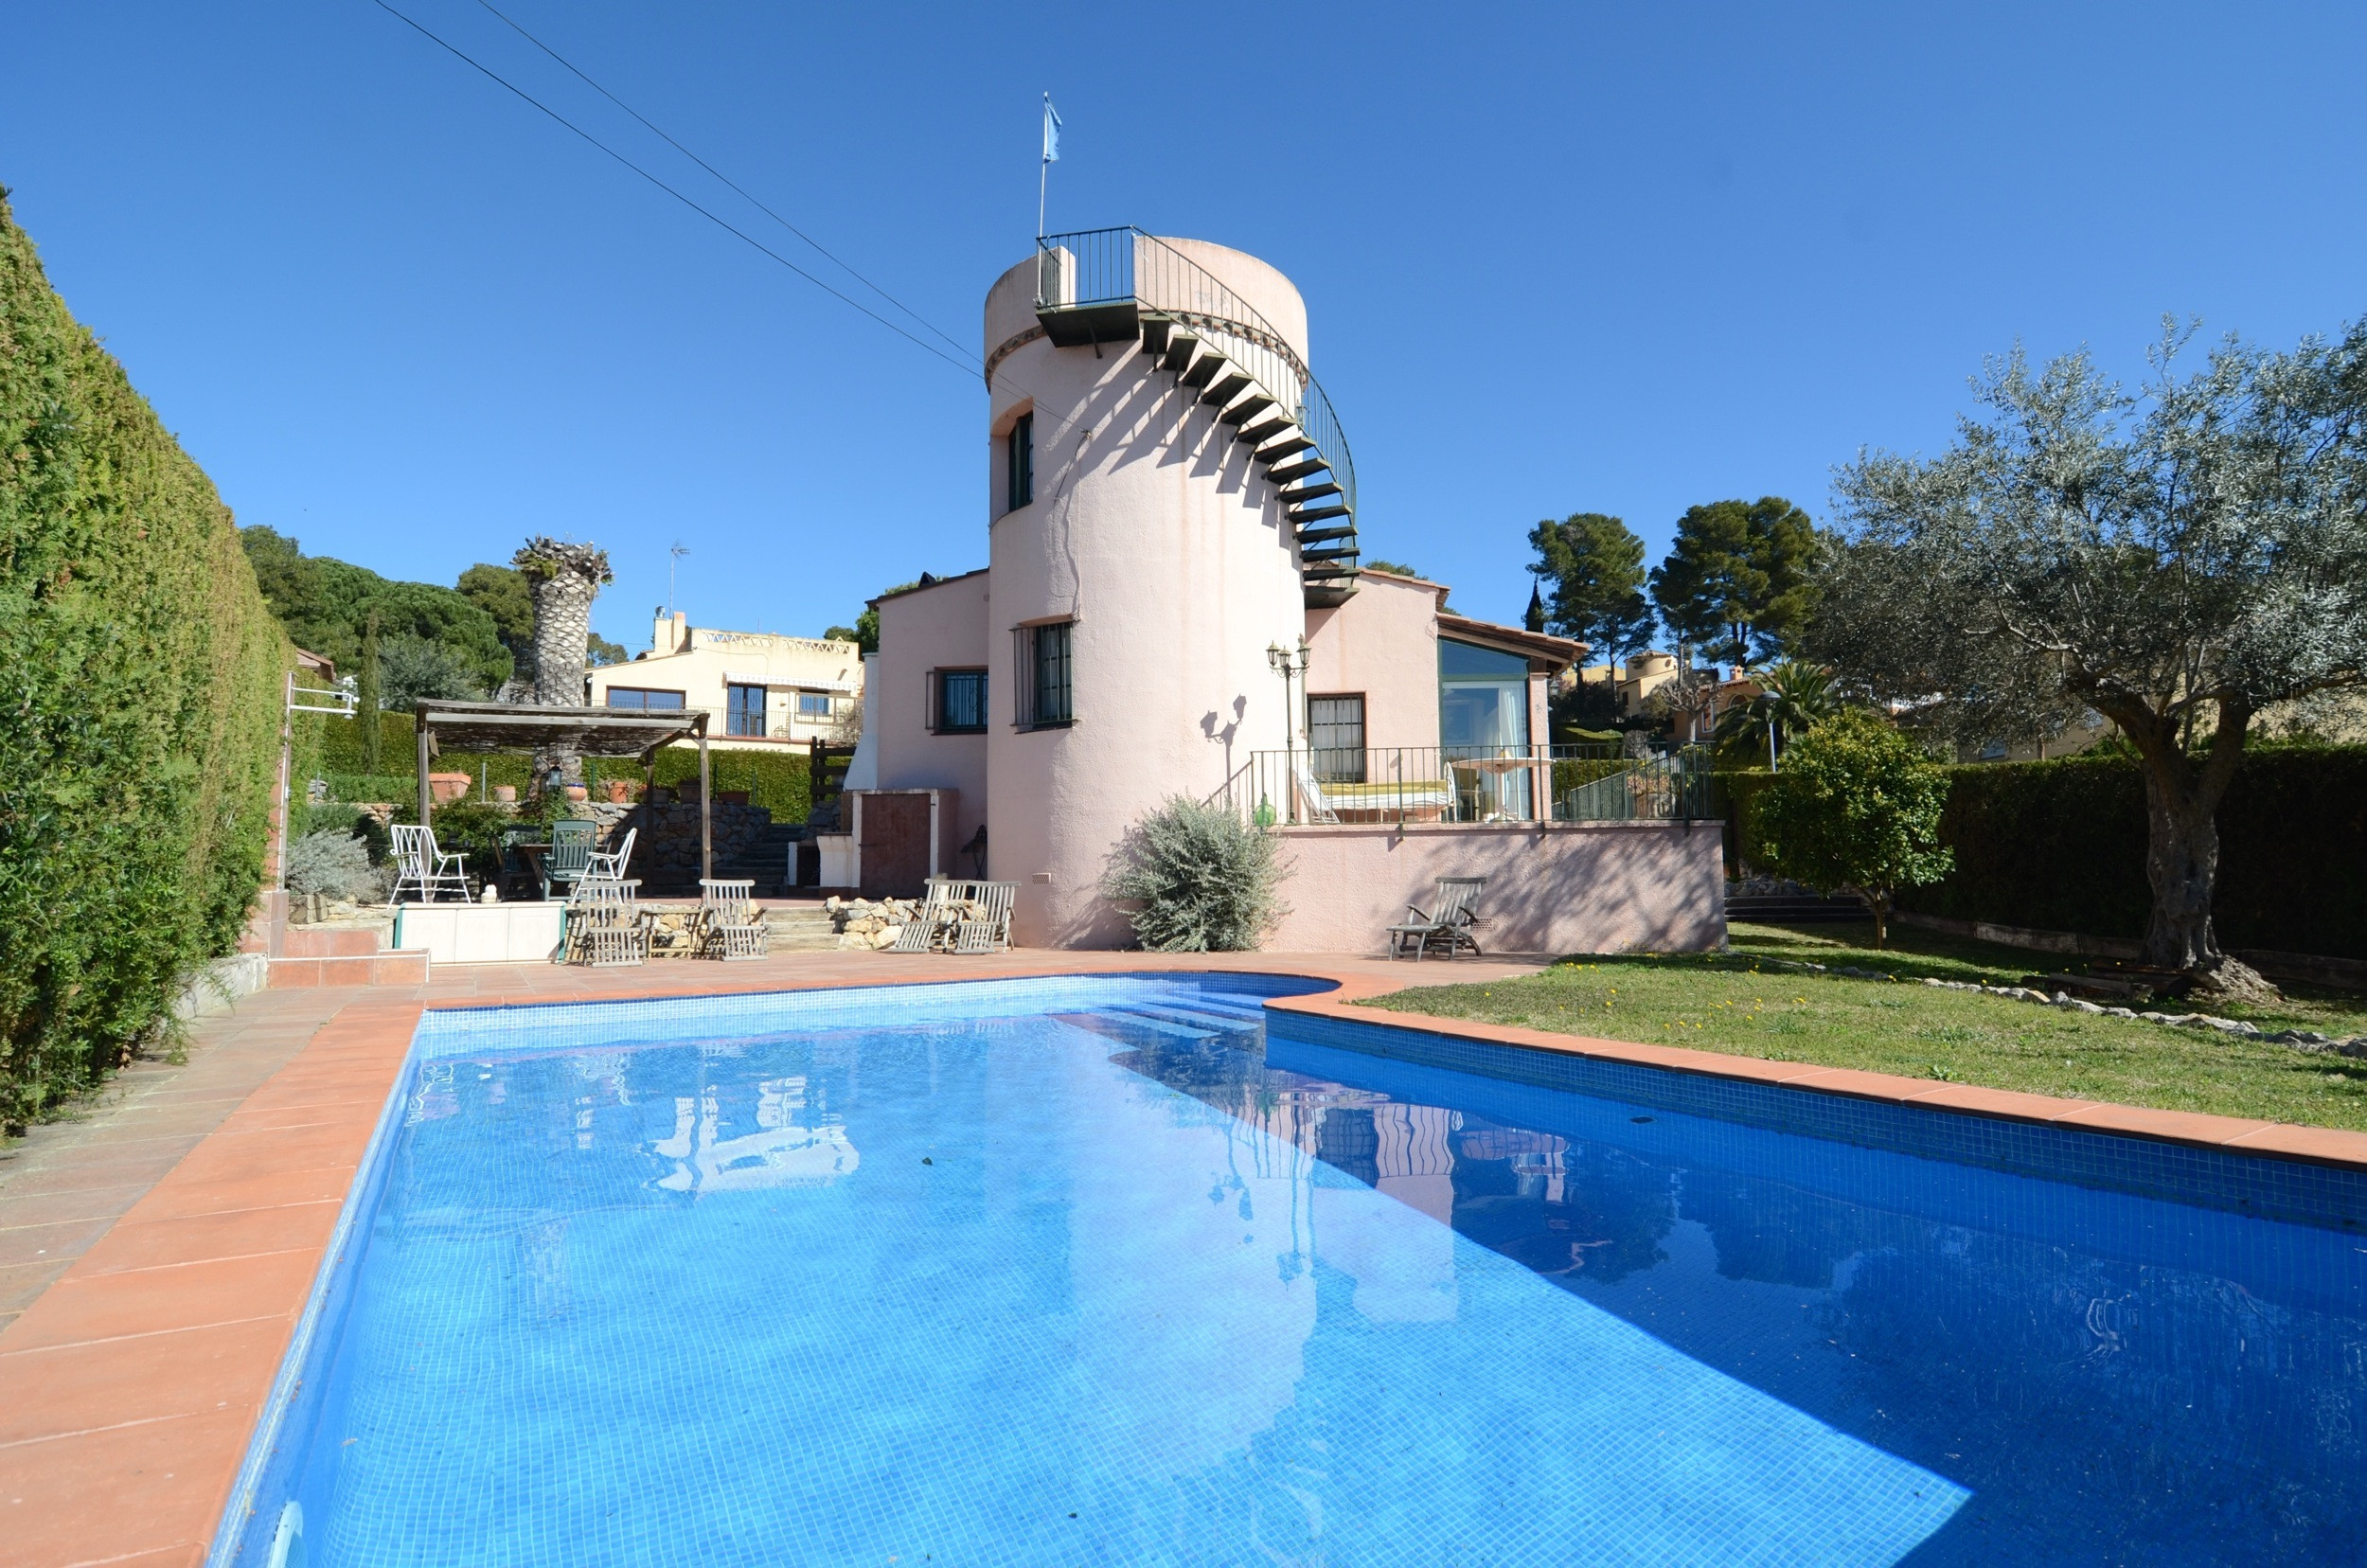 Villa Volendam,La Torre Vella,Costa Brava #1